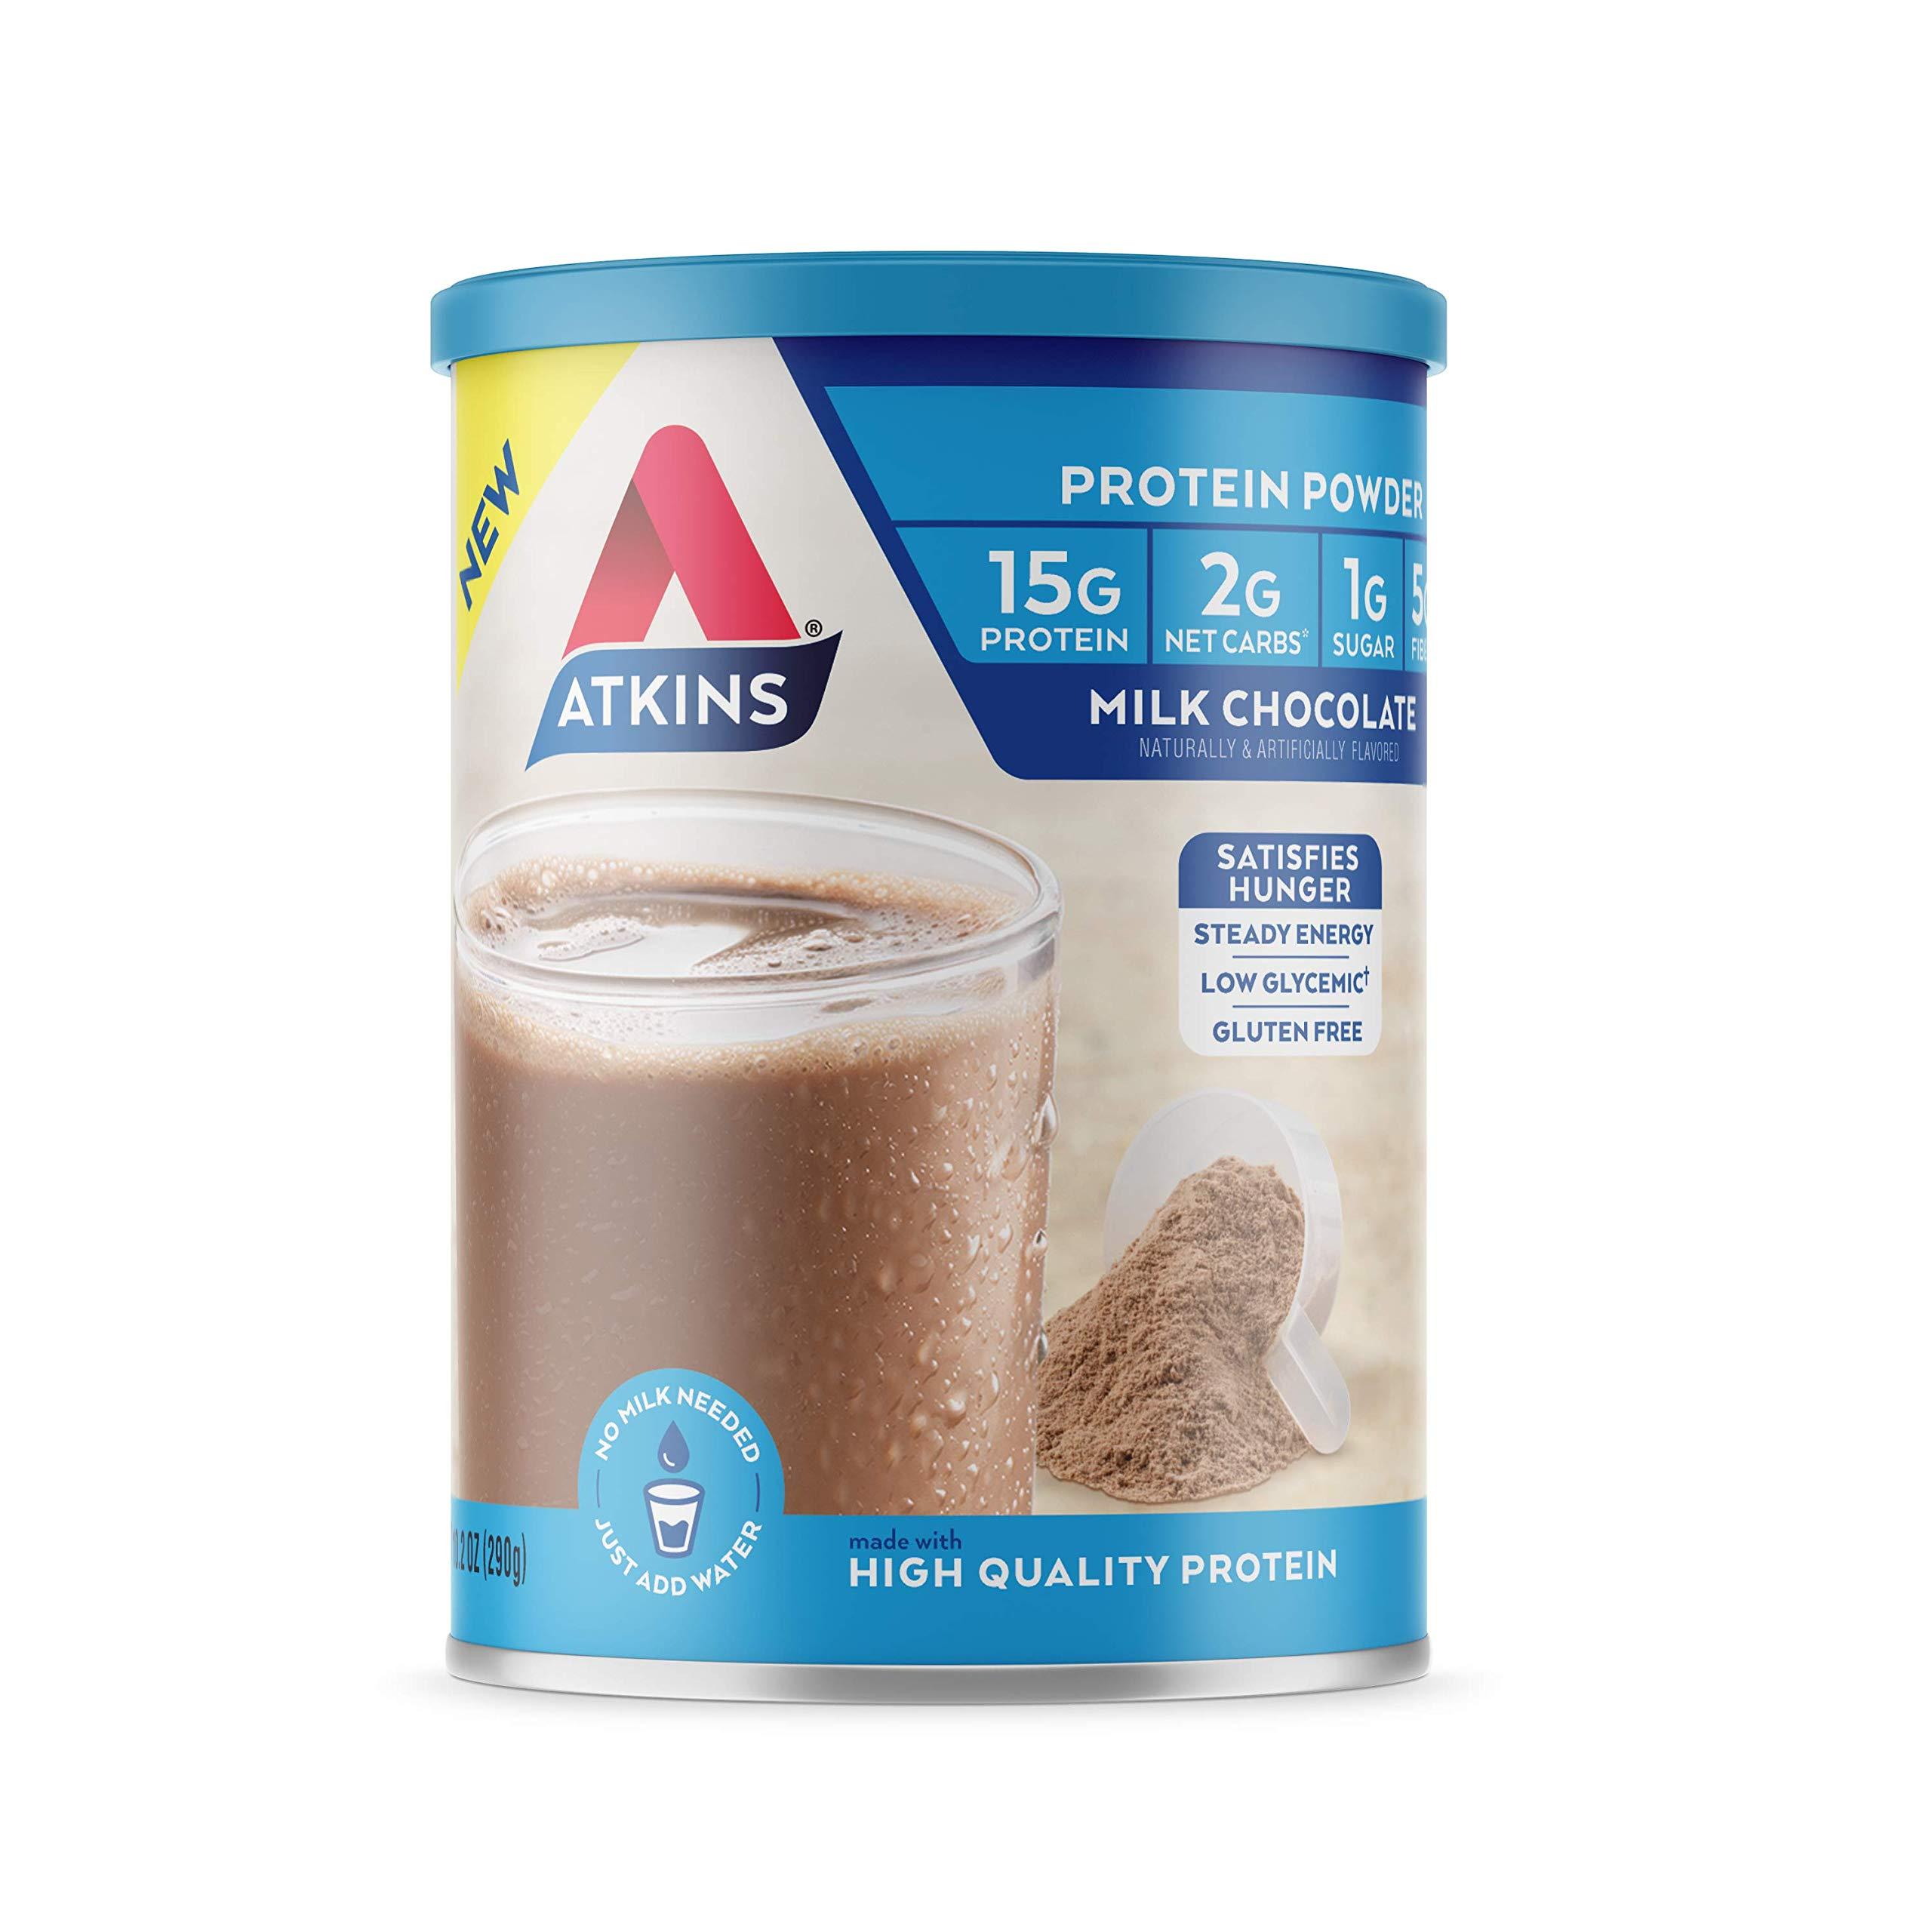 Atkins Gluten Free Protein Powder, Chocolate, Keto Friendly, 10.2 oz. by Atkins